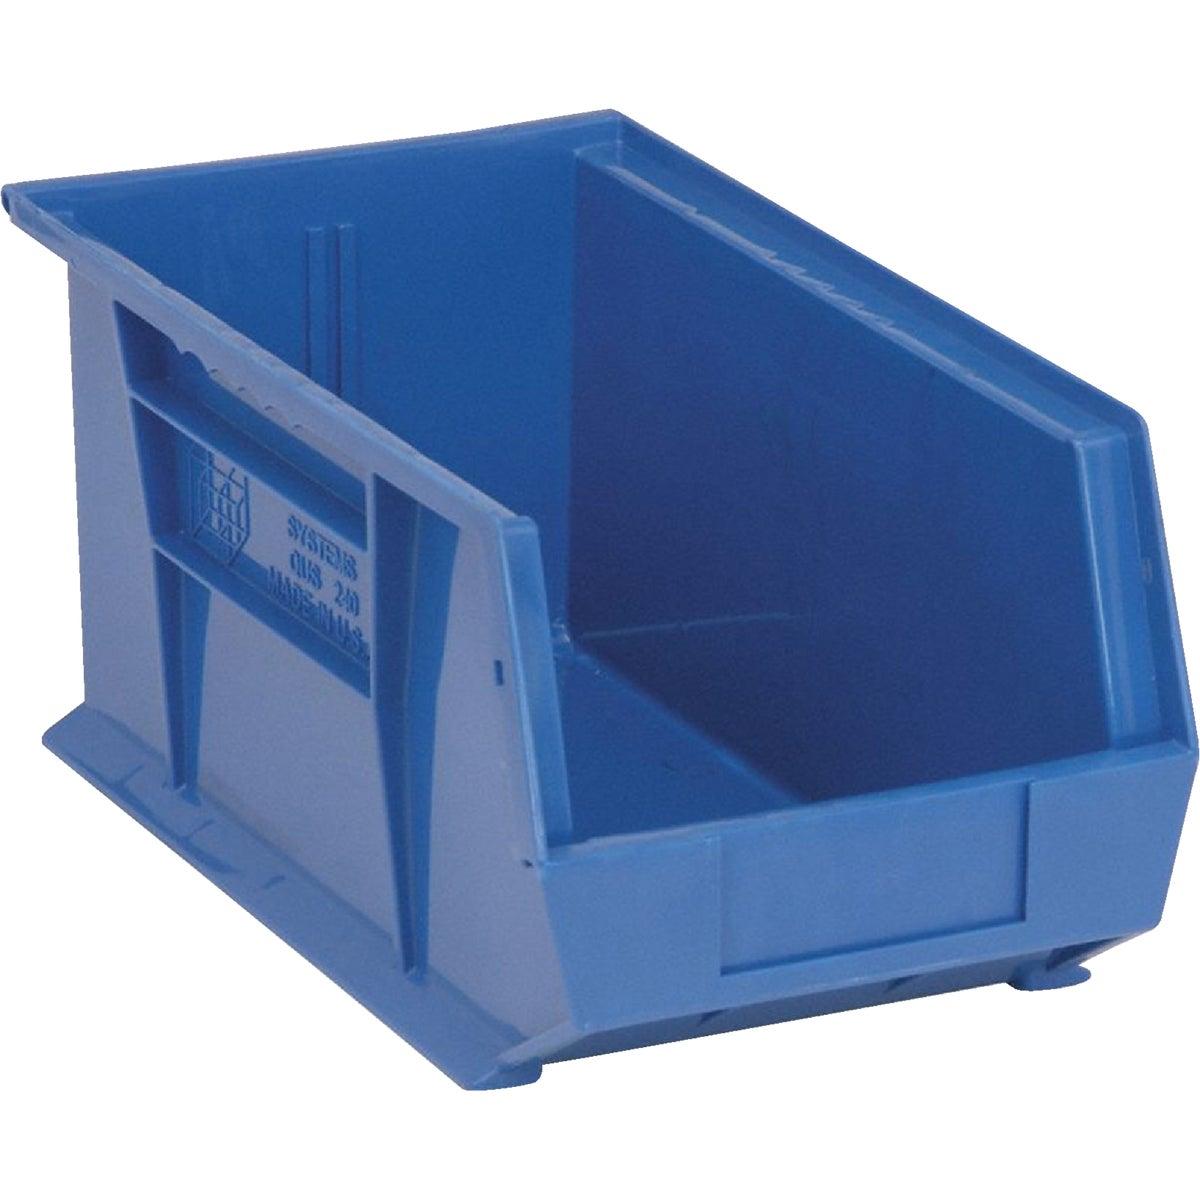 Stack-On LARGE BLUE BIN BIN-14